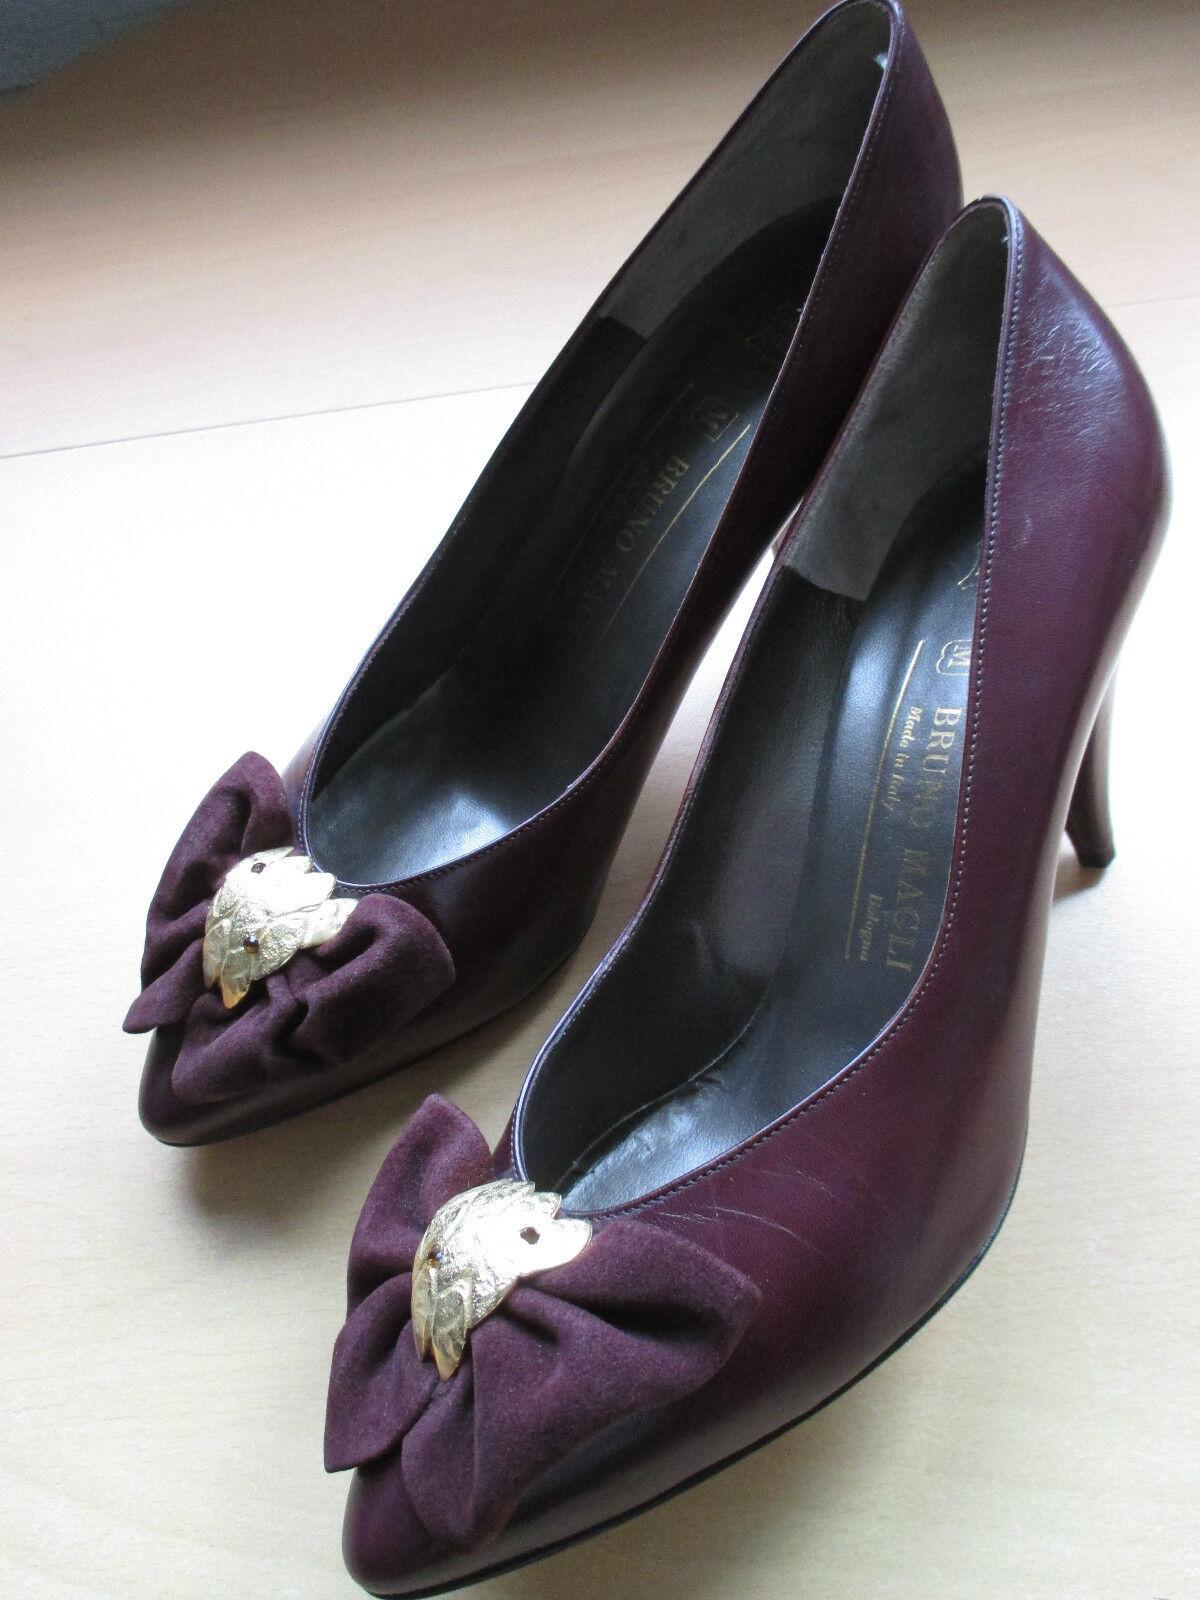 NEU BRUNO MAGLI Damen Schuhe Pumps Gr.38 lilaton aubergine /A